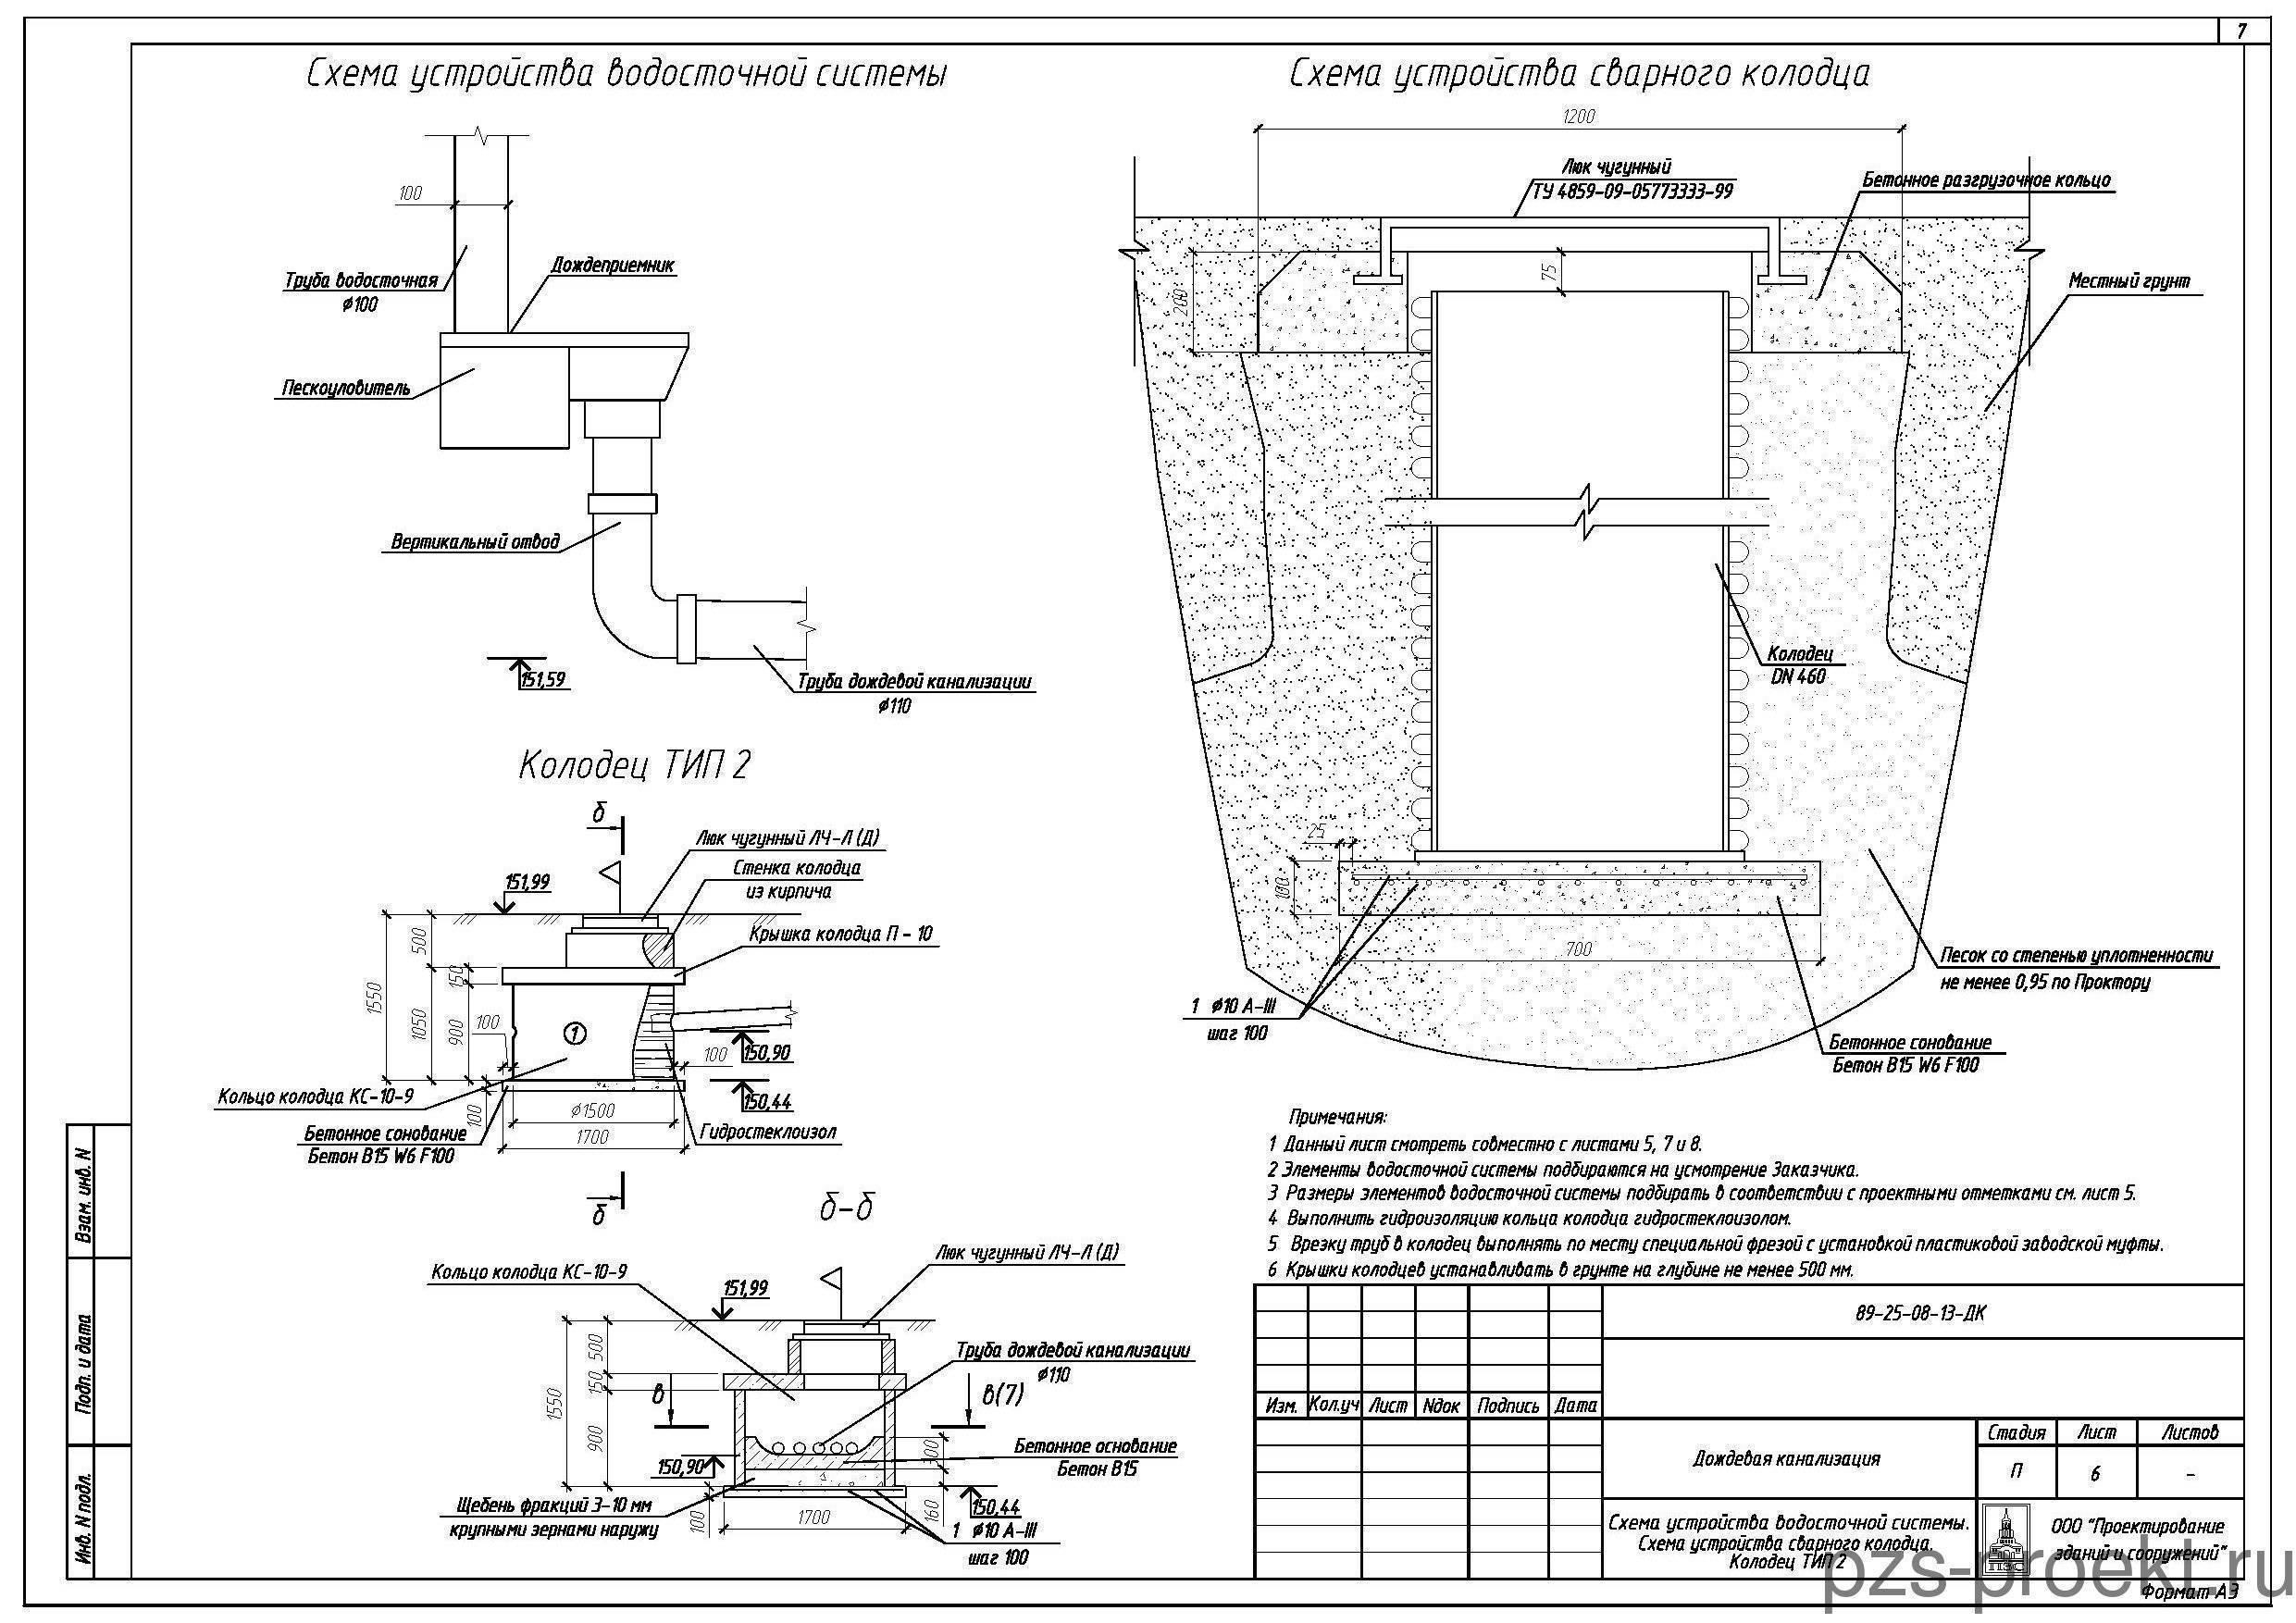 Устройство ливневой канализации — поясняем по пунктам